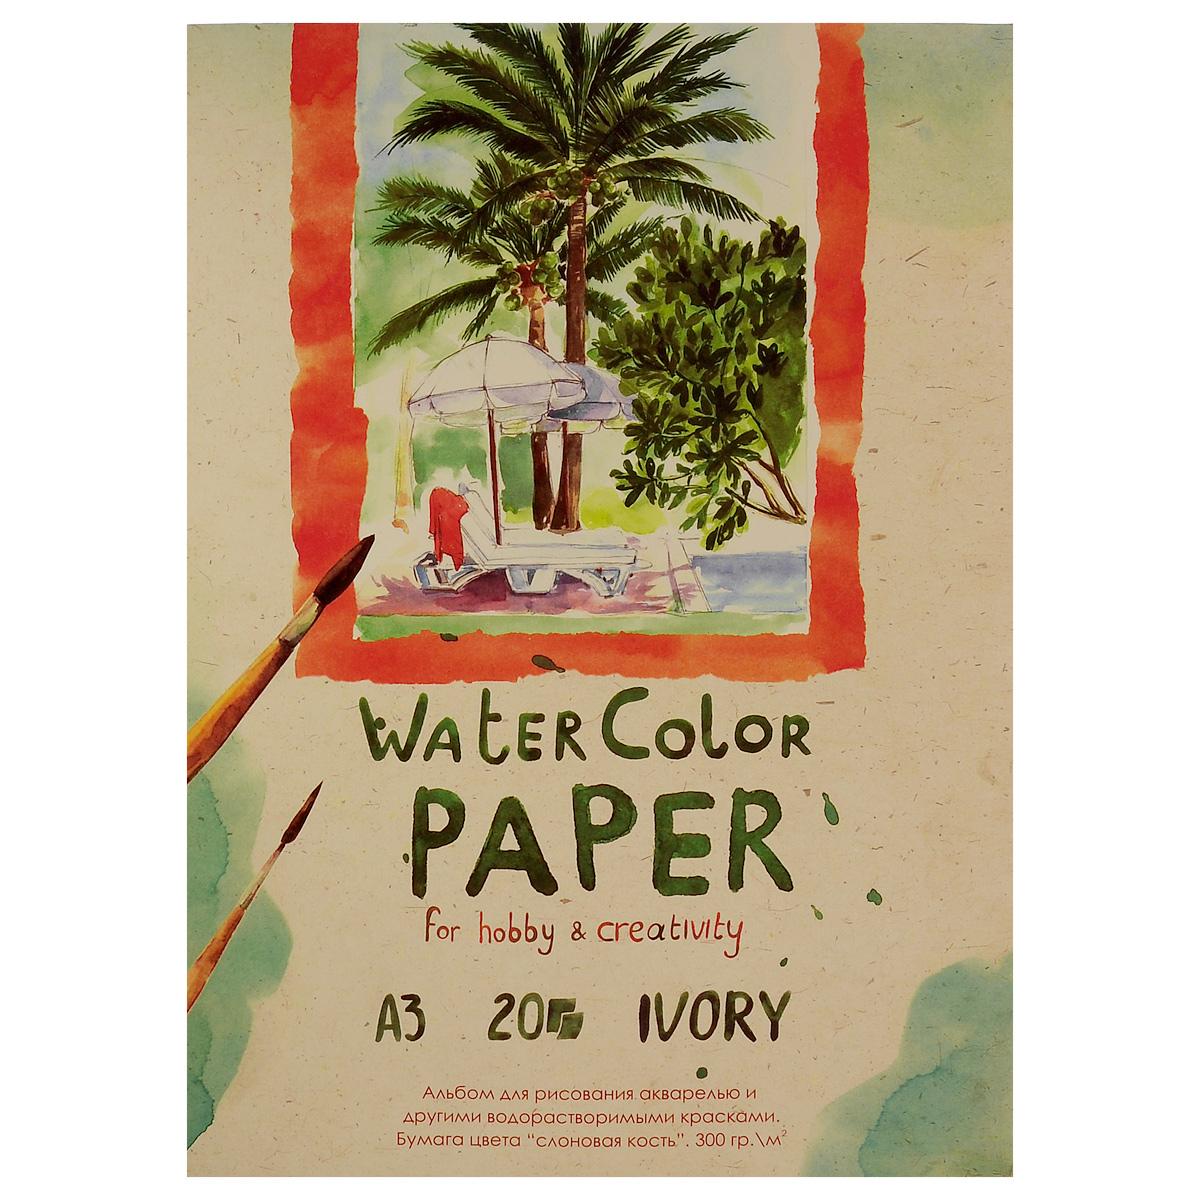 Альбом для акварели Kroyter, 20 листов, формат А306463Альбом для рисования акварелью Kroyter изготовлен из высококачественной бумаги цвета слоновой кости, что позволяет карандашам, фломастерам и краскам ровно ложиться на поверхность и не растекаться по листу. Рисование в таких альбомах доставит маленьким художникам максимальное удовольствие. Обложка выполнена из мелованного картона с клеевым креплением. Рисование позволяет развивать творческие способности, кроме того, это увлекательный досуг.Плотность: 300 г/м2.